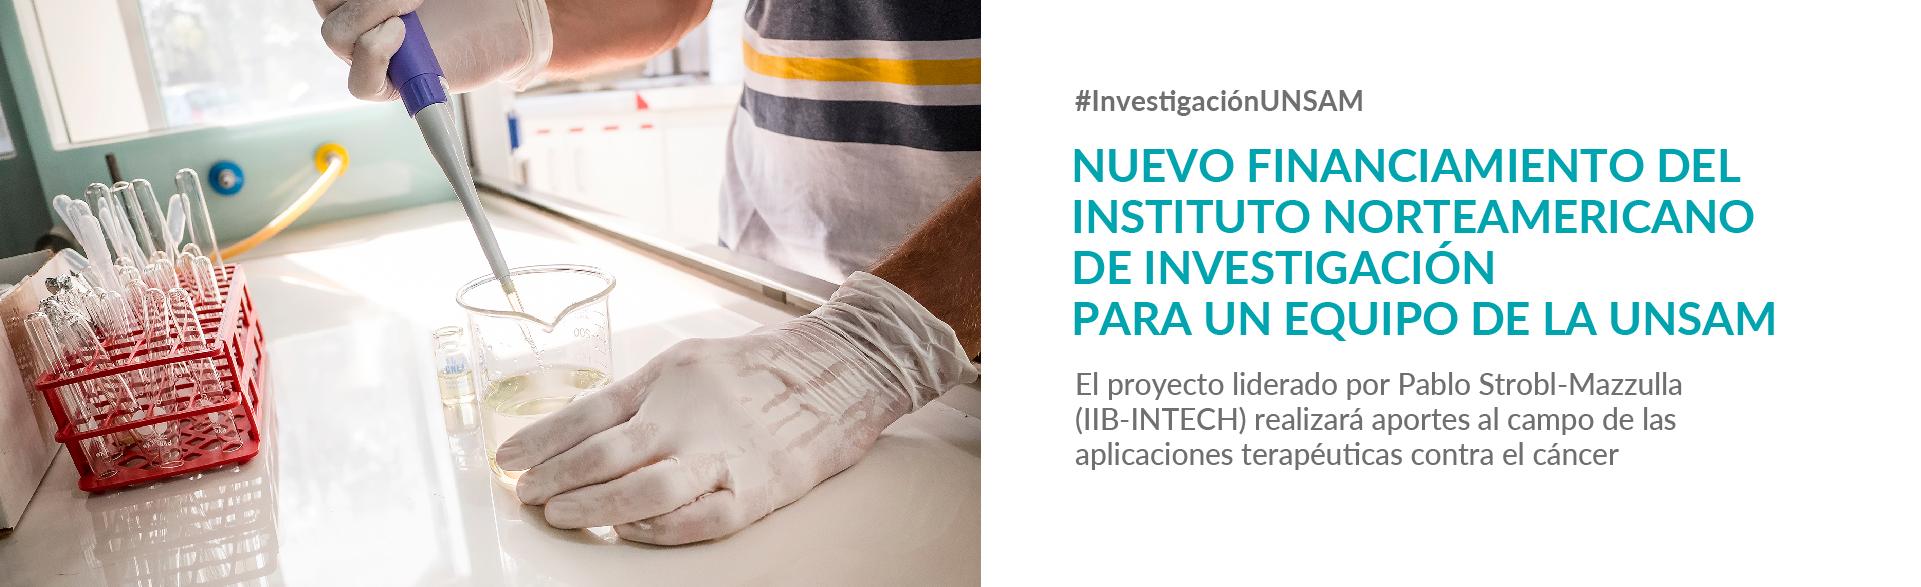 Nuevo financiamiento del NIH para el IIB-INTECH